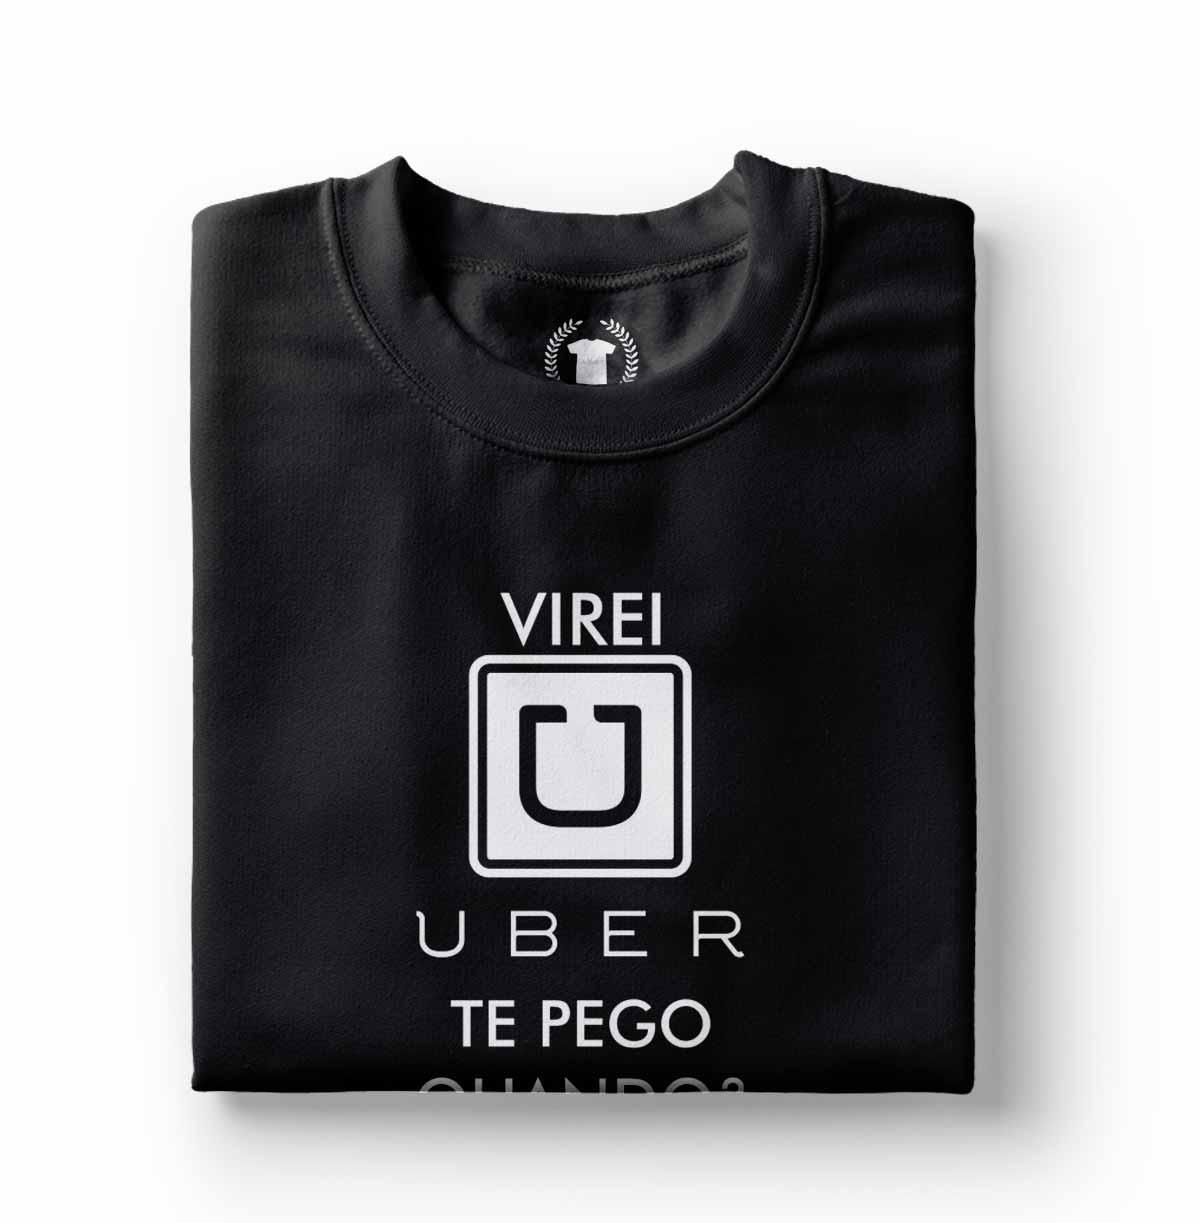 camiseta camisa virei uber te pego quando